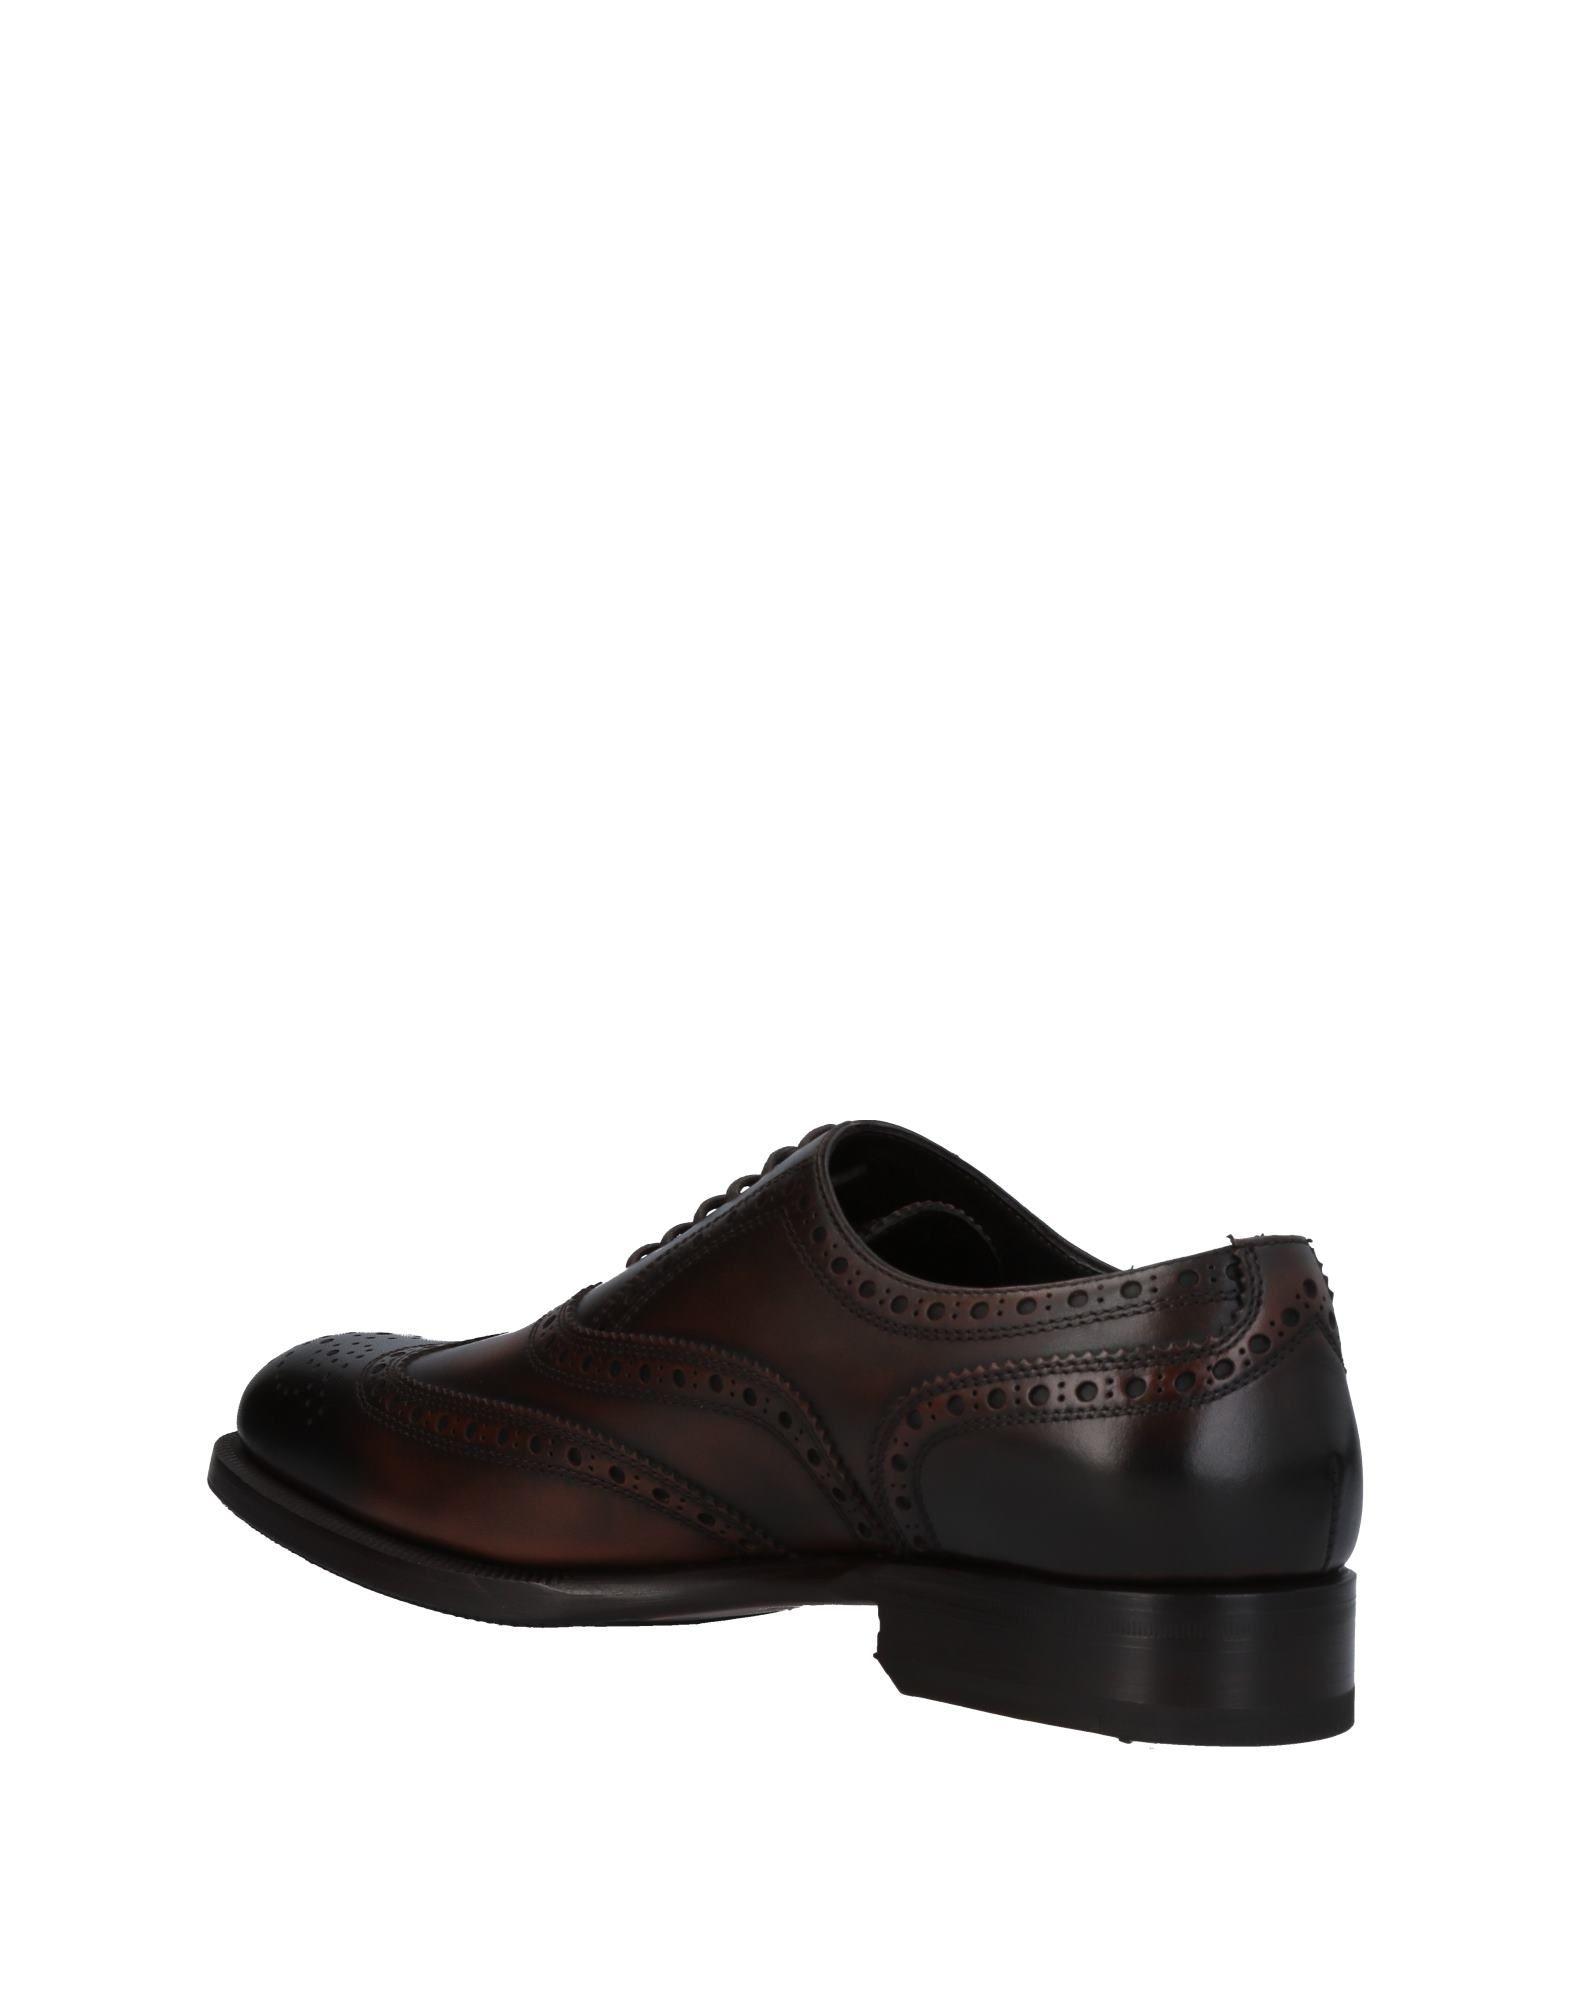 Dsquared2 Schnürschuhe Qualität Herren  11428770BW Gute Qualität Schnürschuhe beliebte Schuhe 43ee1f